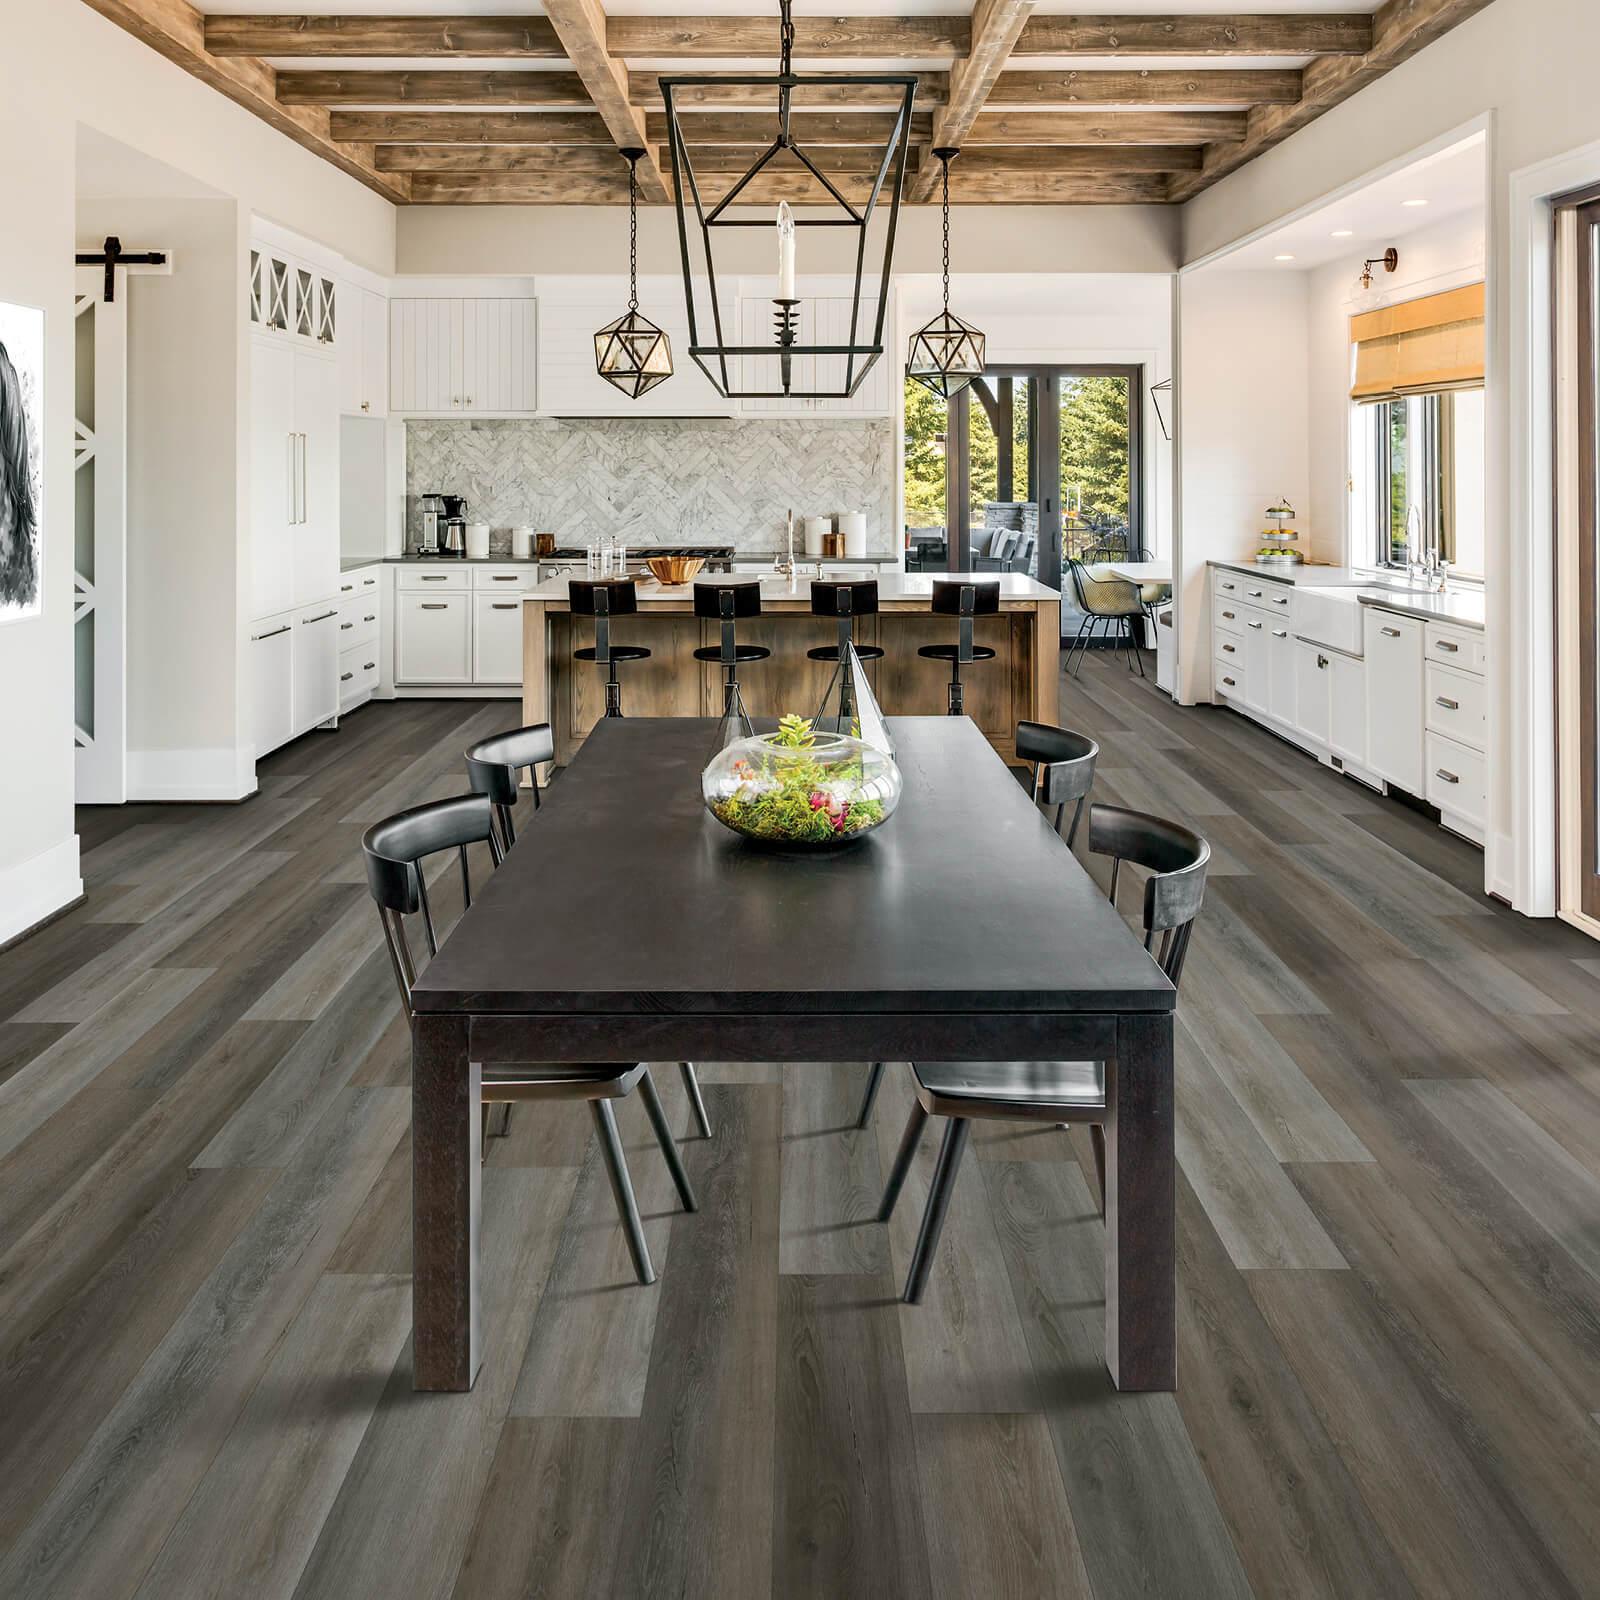 Laminate Flooring in DIning Room   Signature Flooring, Inc